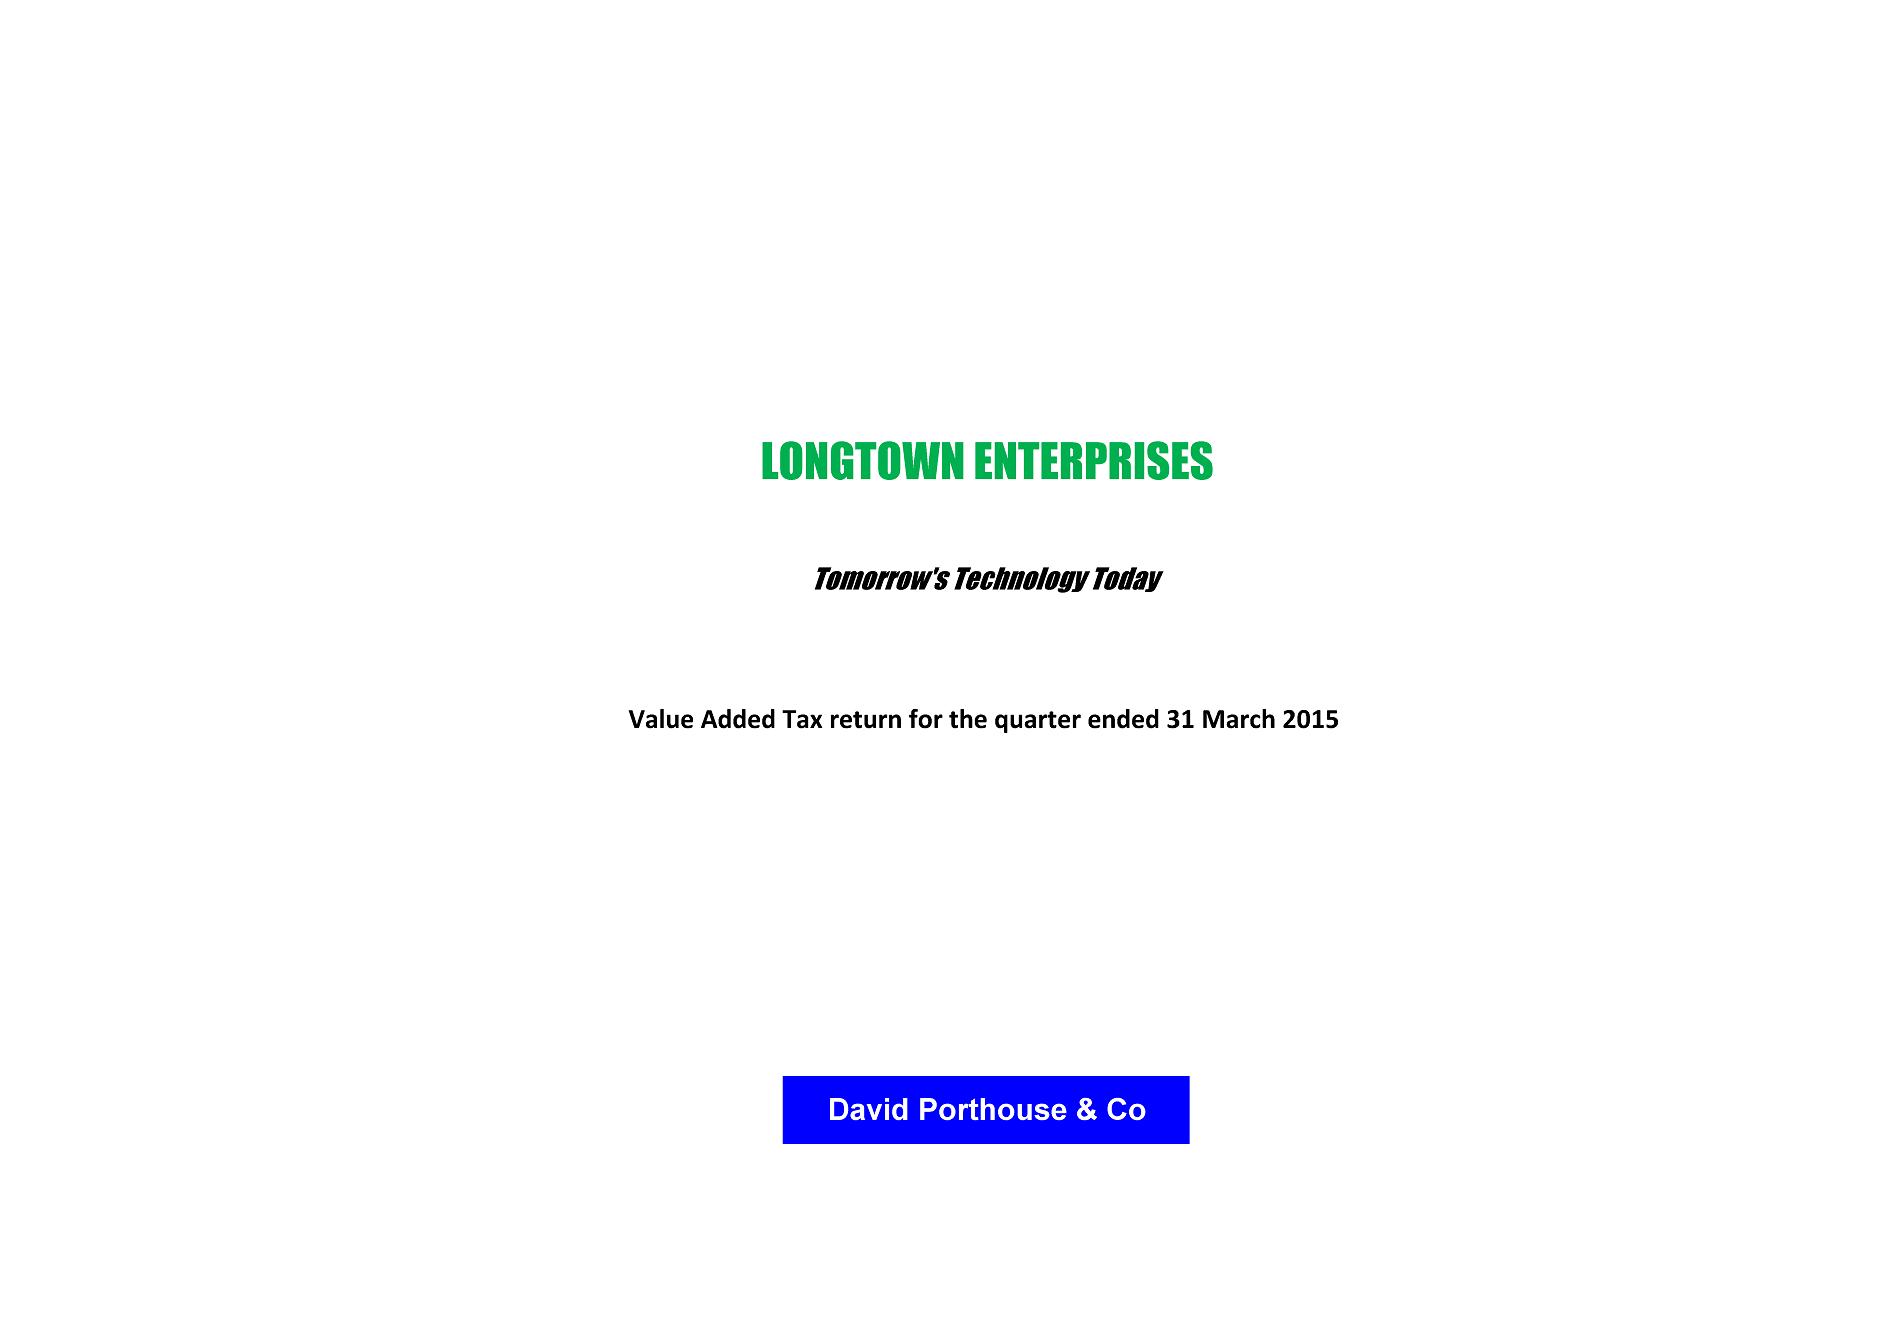 LongtownVAT